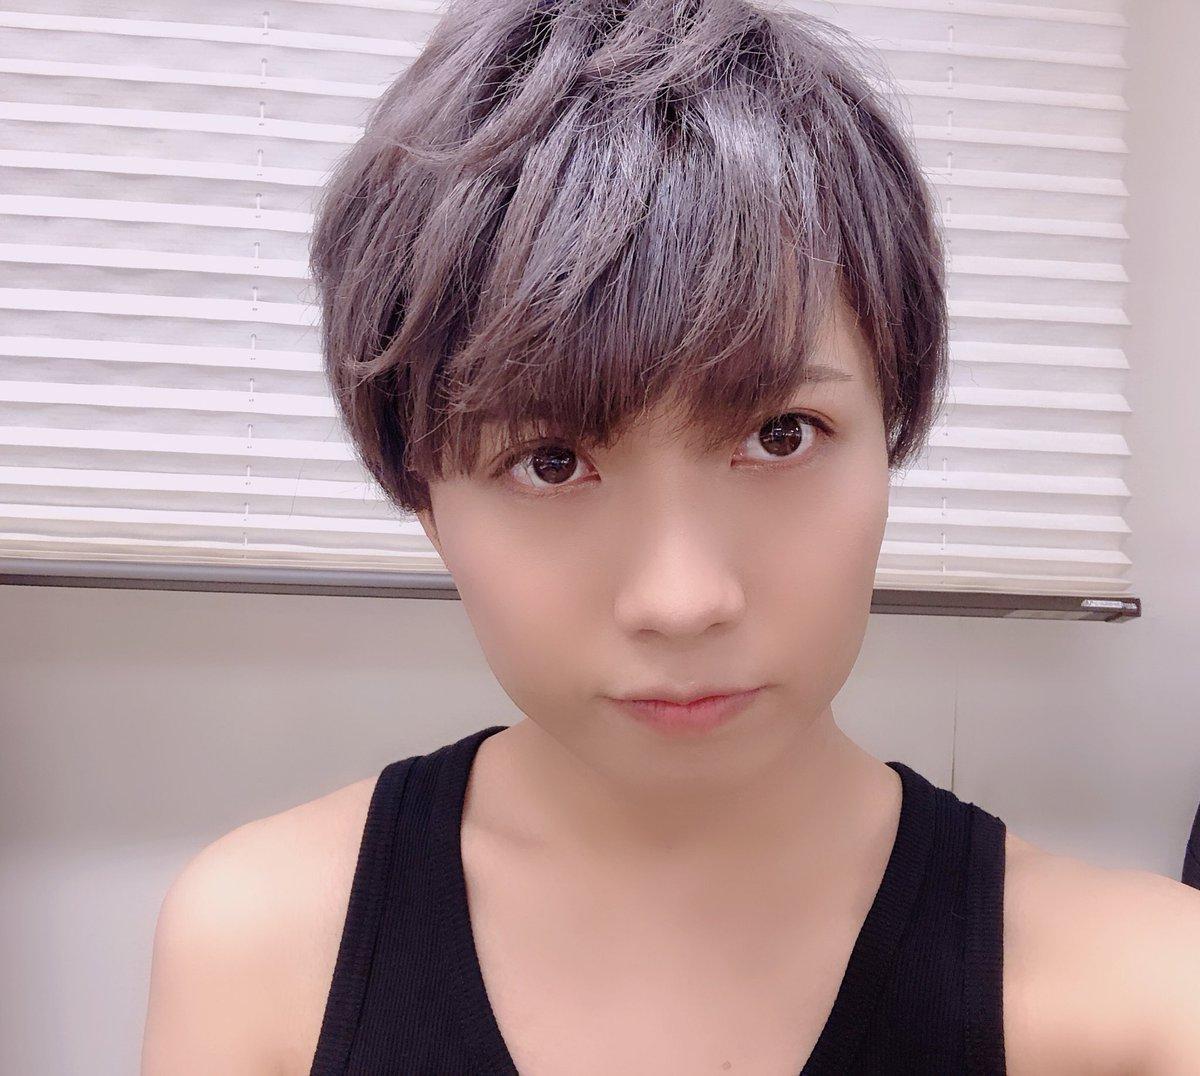 Kiramune Presents リーディングライブ 「密室の中の亡霊 幻視探偵」大阪公演終わりました😳初参加のリーディングライブ、皆様のおかげで楽しく終えることができました🙇♂️🙇♂️まだ千葉公演はありますがひとまずお疲れ様でした!!衣装は来週のお楽しみ☺️☺️ほぼ裸やんけ!